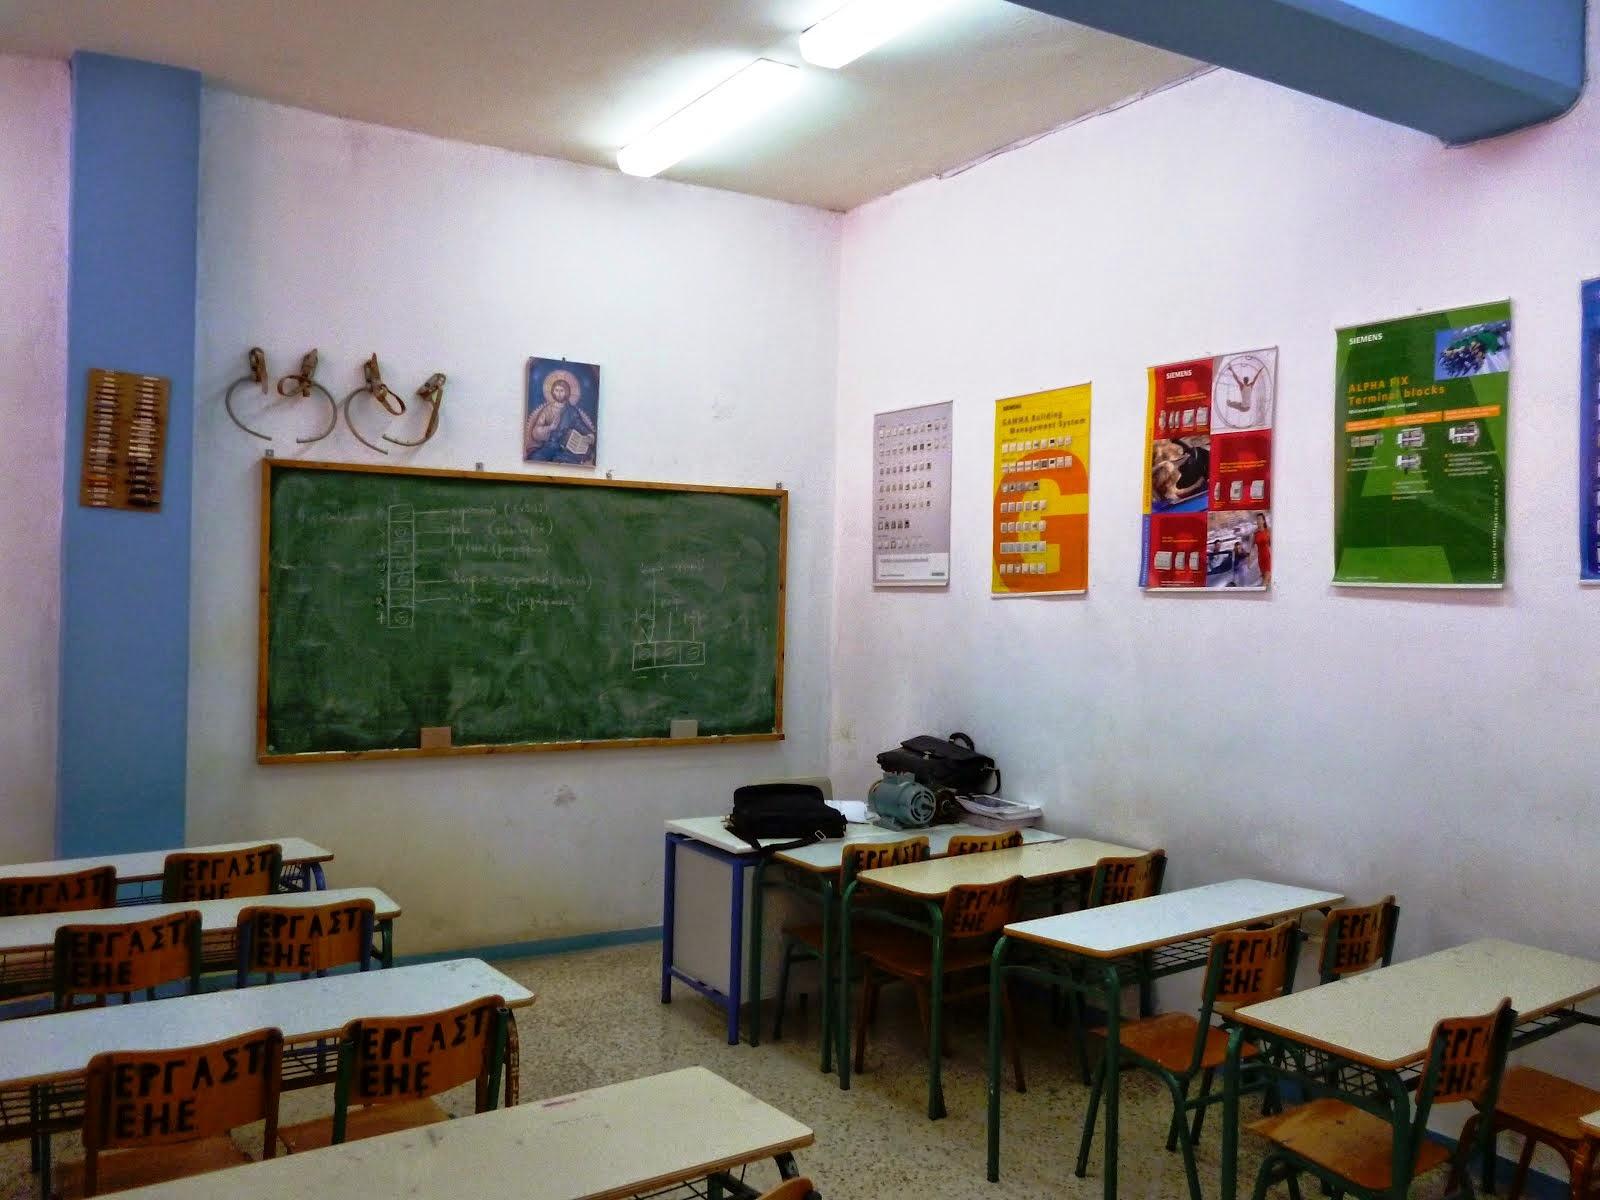 Εκπαιδευτικό σεμινάριο στο 1ο ΕΠΑΛ Χαλκίδας